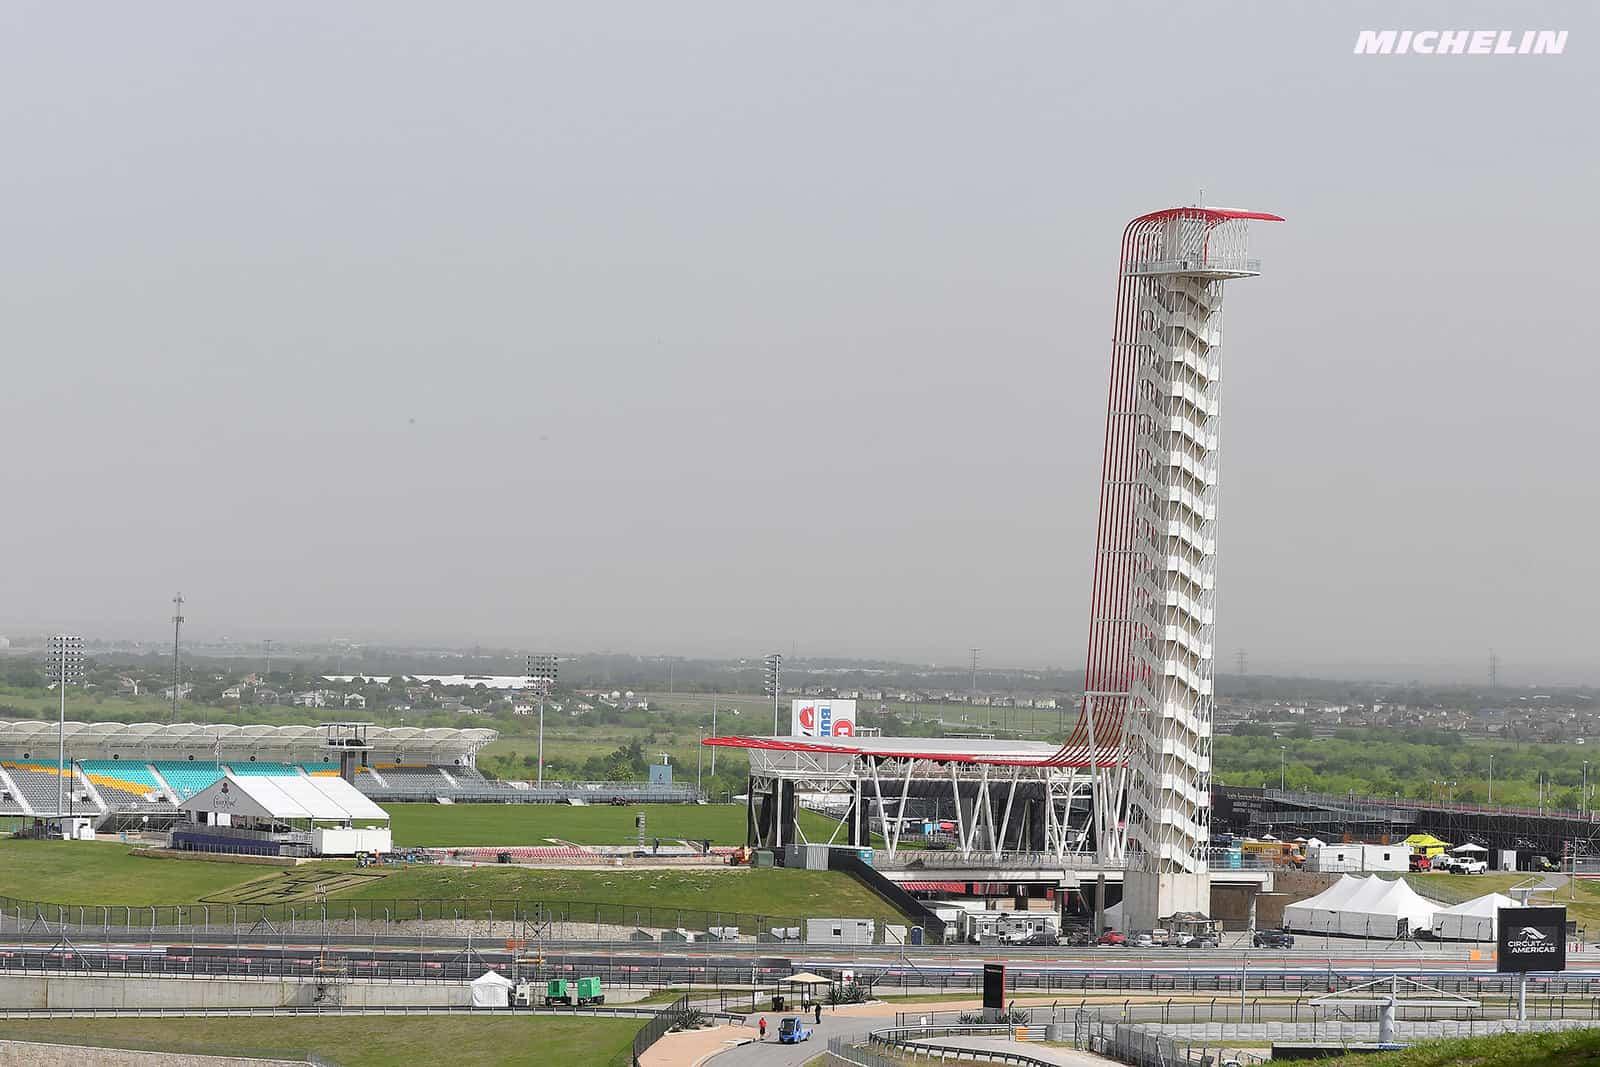 4月5日開催予定だったアメリカGPは11月に延期